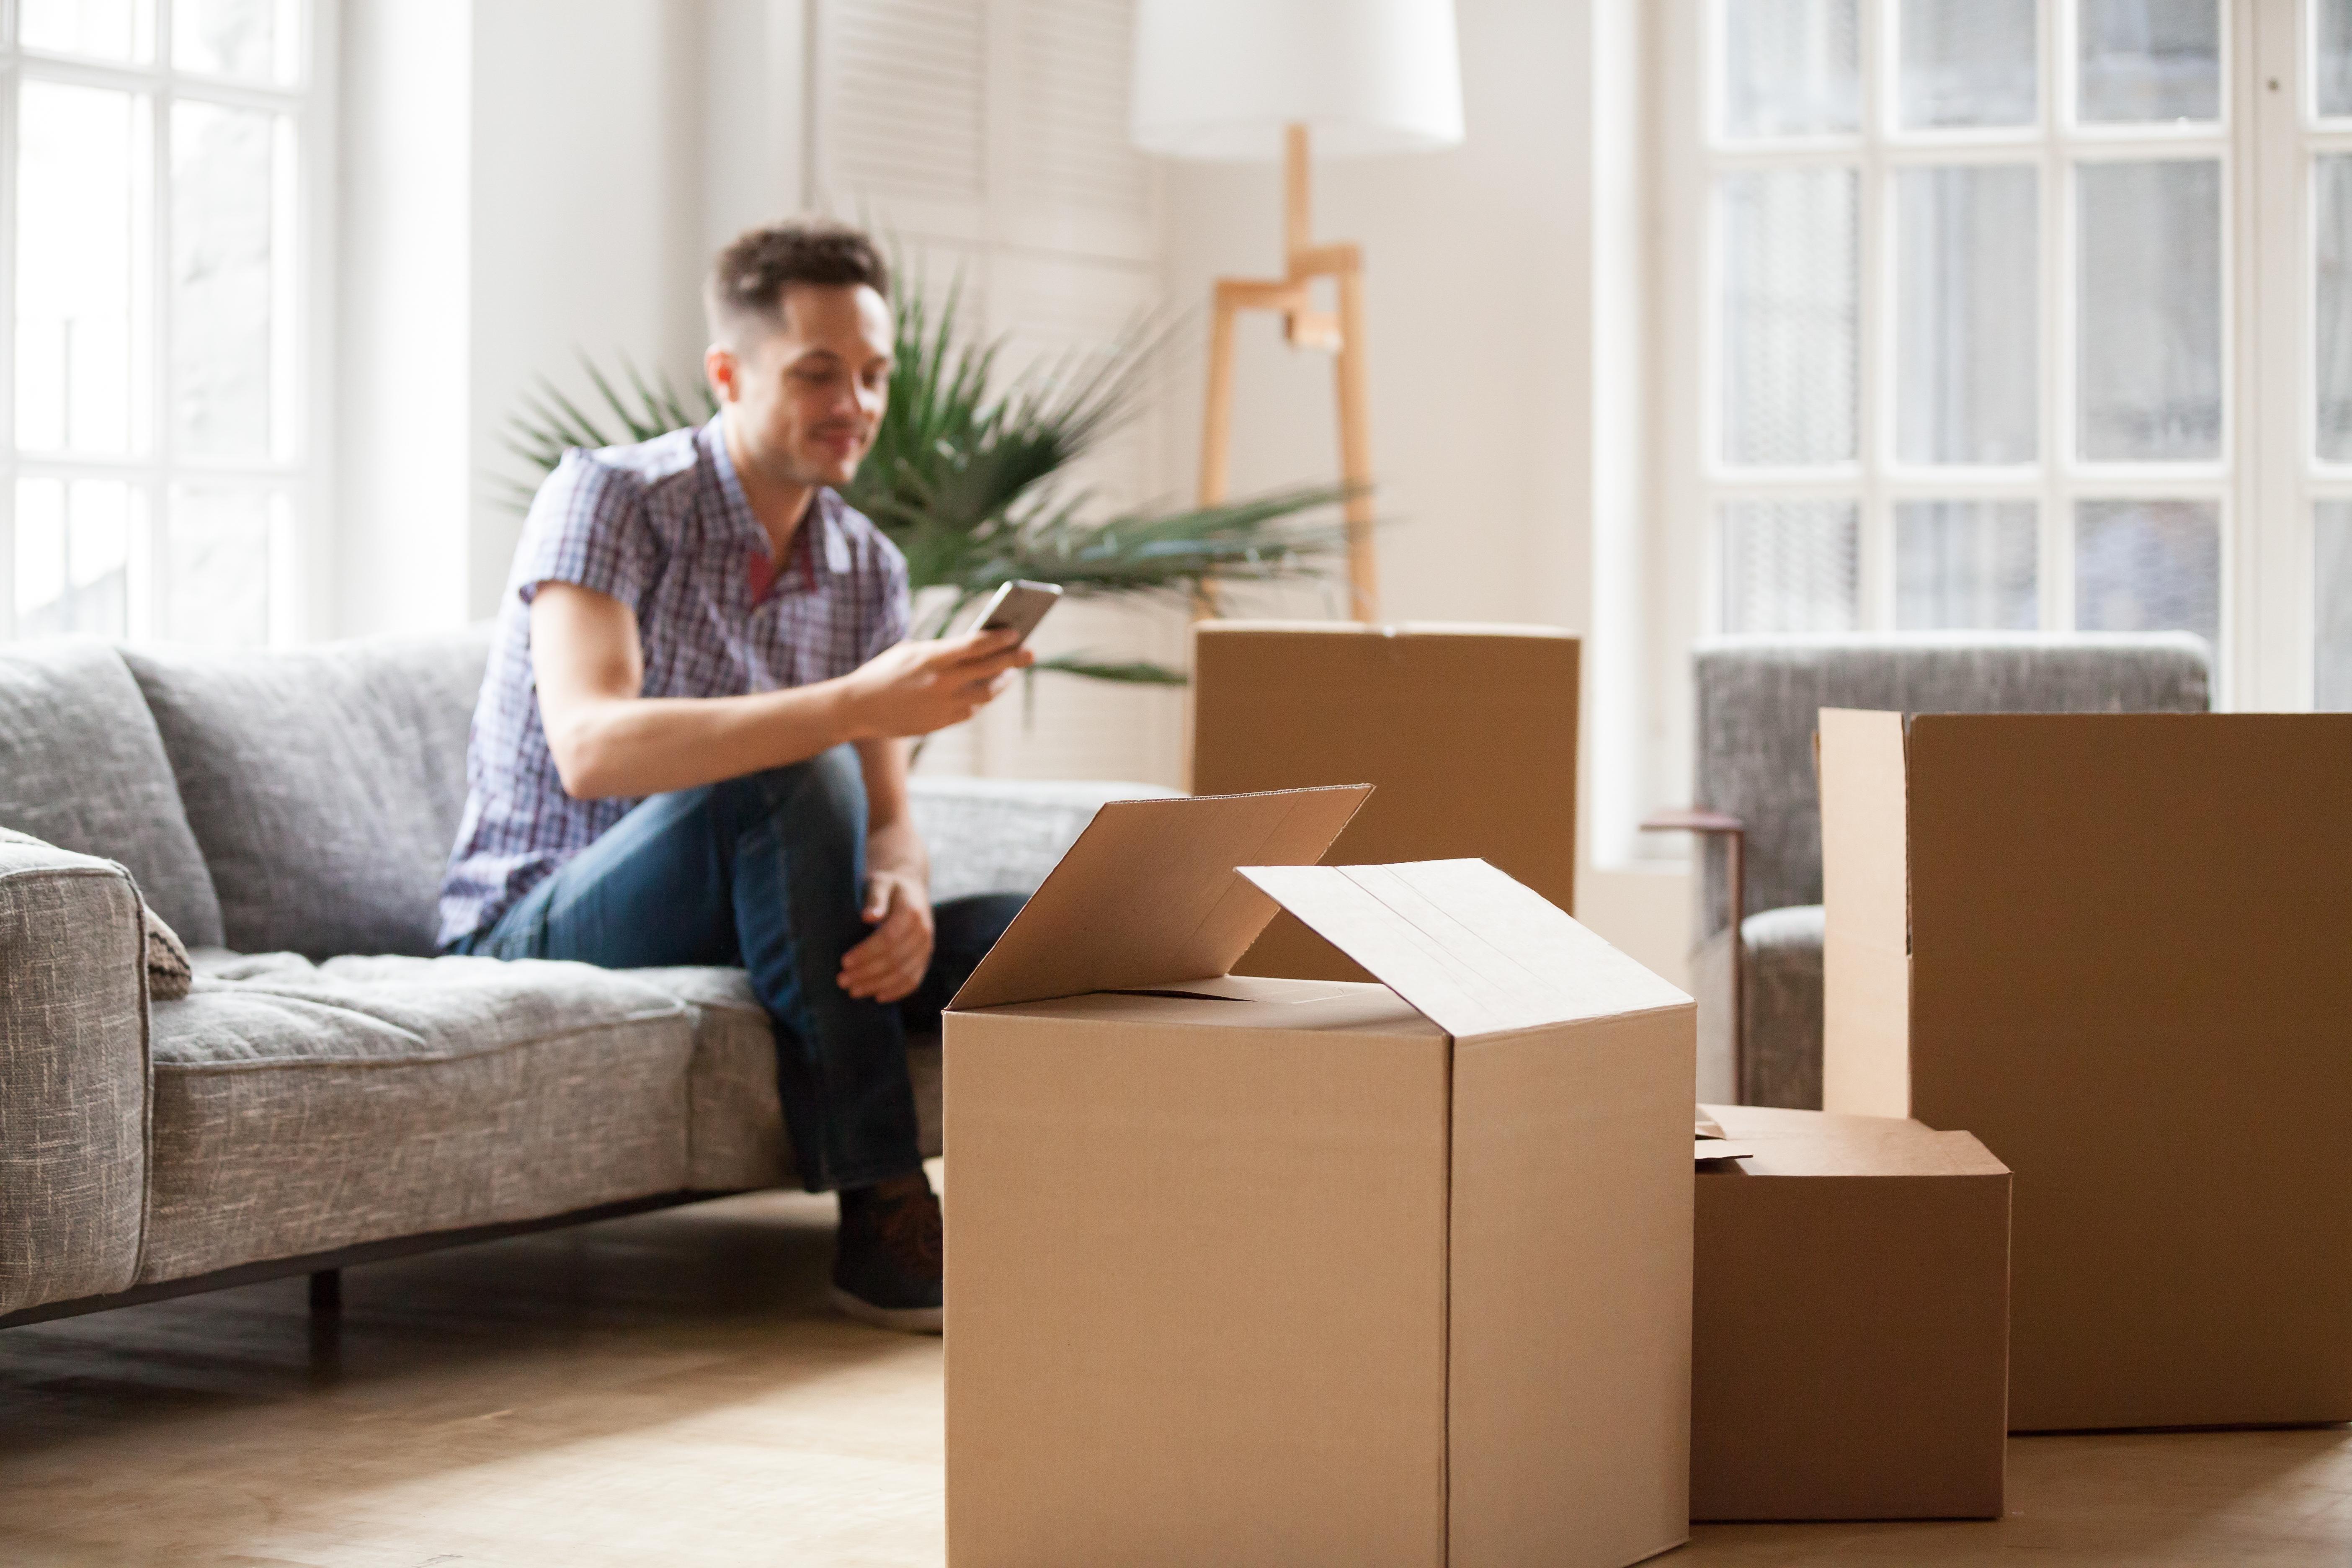 Man unpacking his things